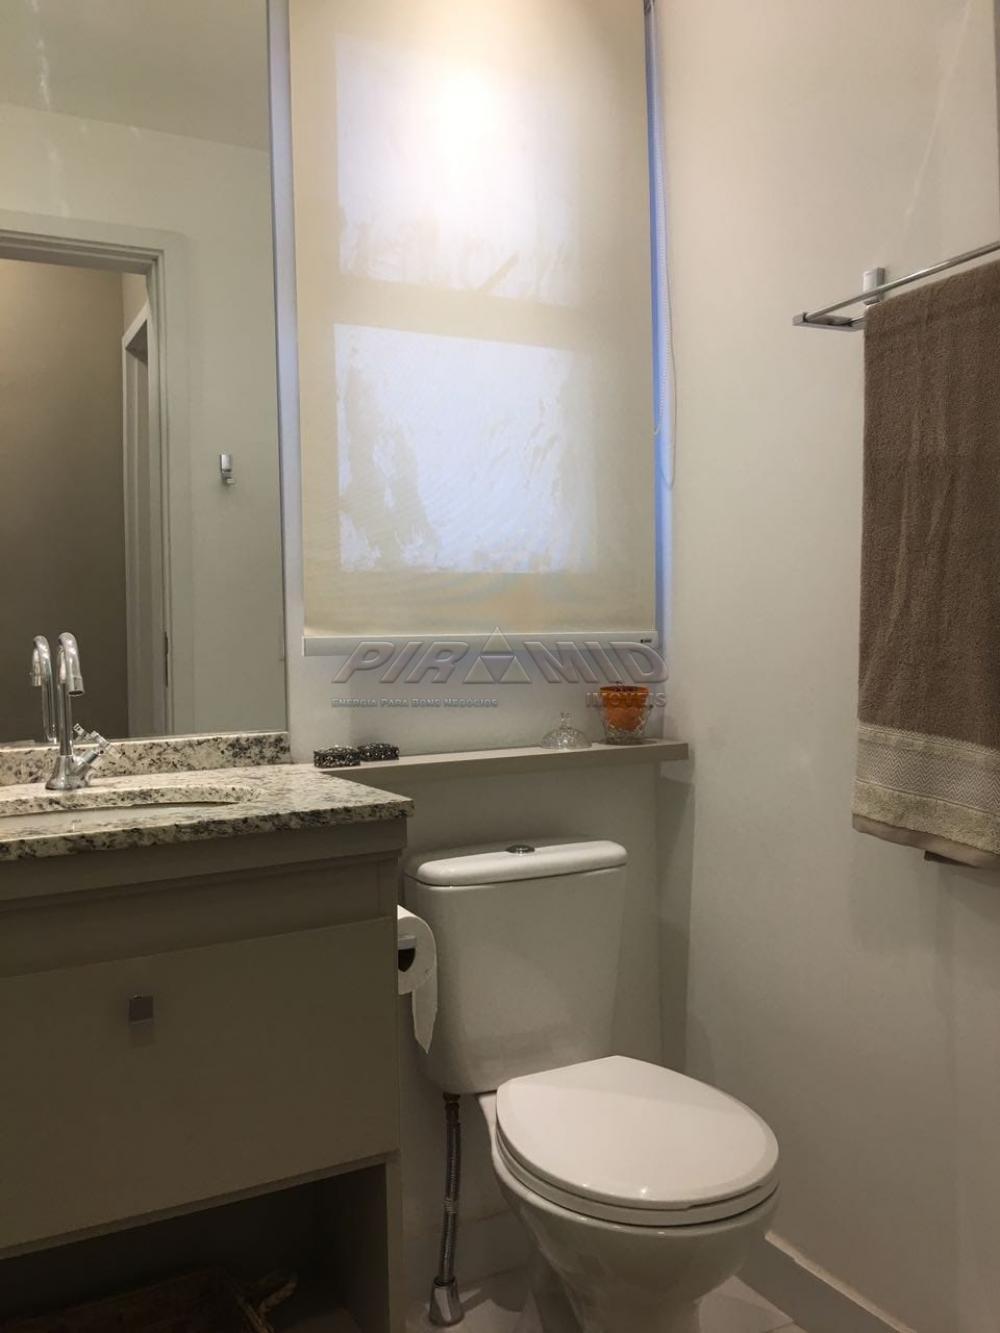 Comprar Apartamento / Padrão em Ribeirão Preto apenas R$ 203.320,00 - Foto 19